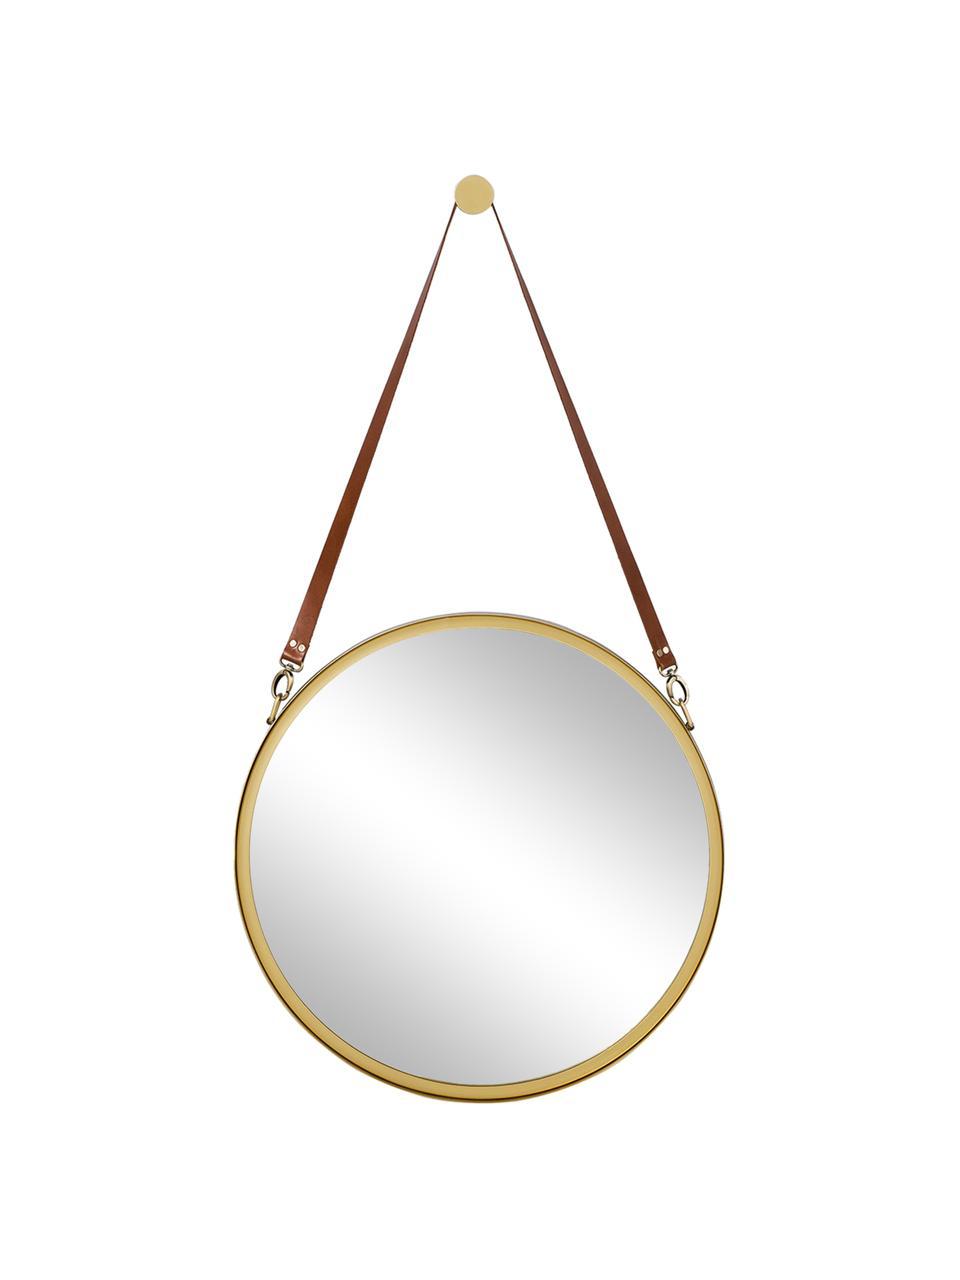 Runder Wandspiegel Liz mit brauner Lederschlaufe, Spiegelfläche: Spiegelglas, Rückseite: Mitteldichte Holzfaserpla, Gold, Ø 55 cm